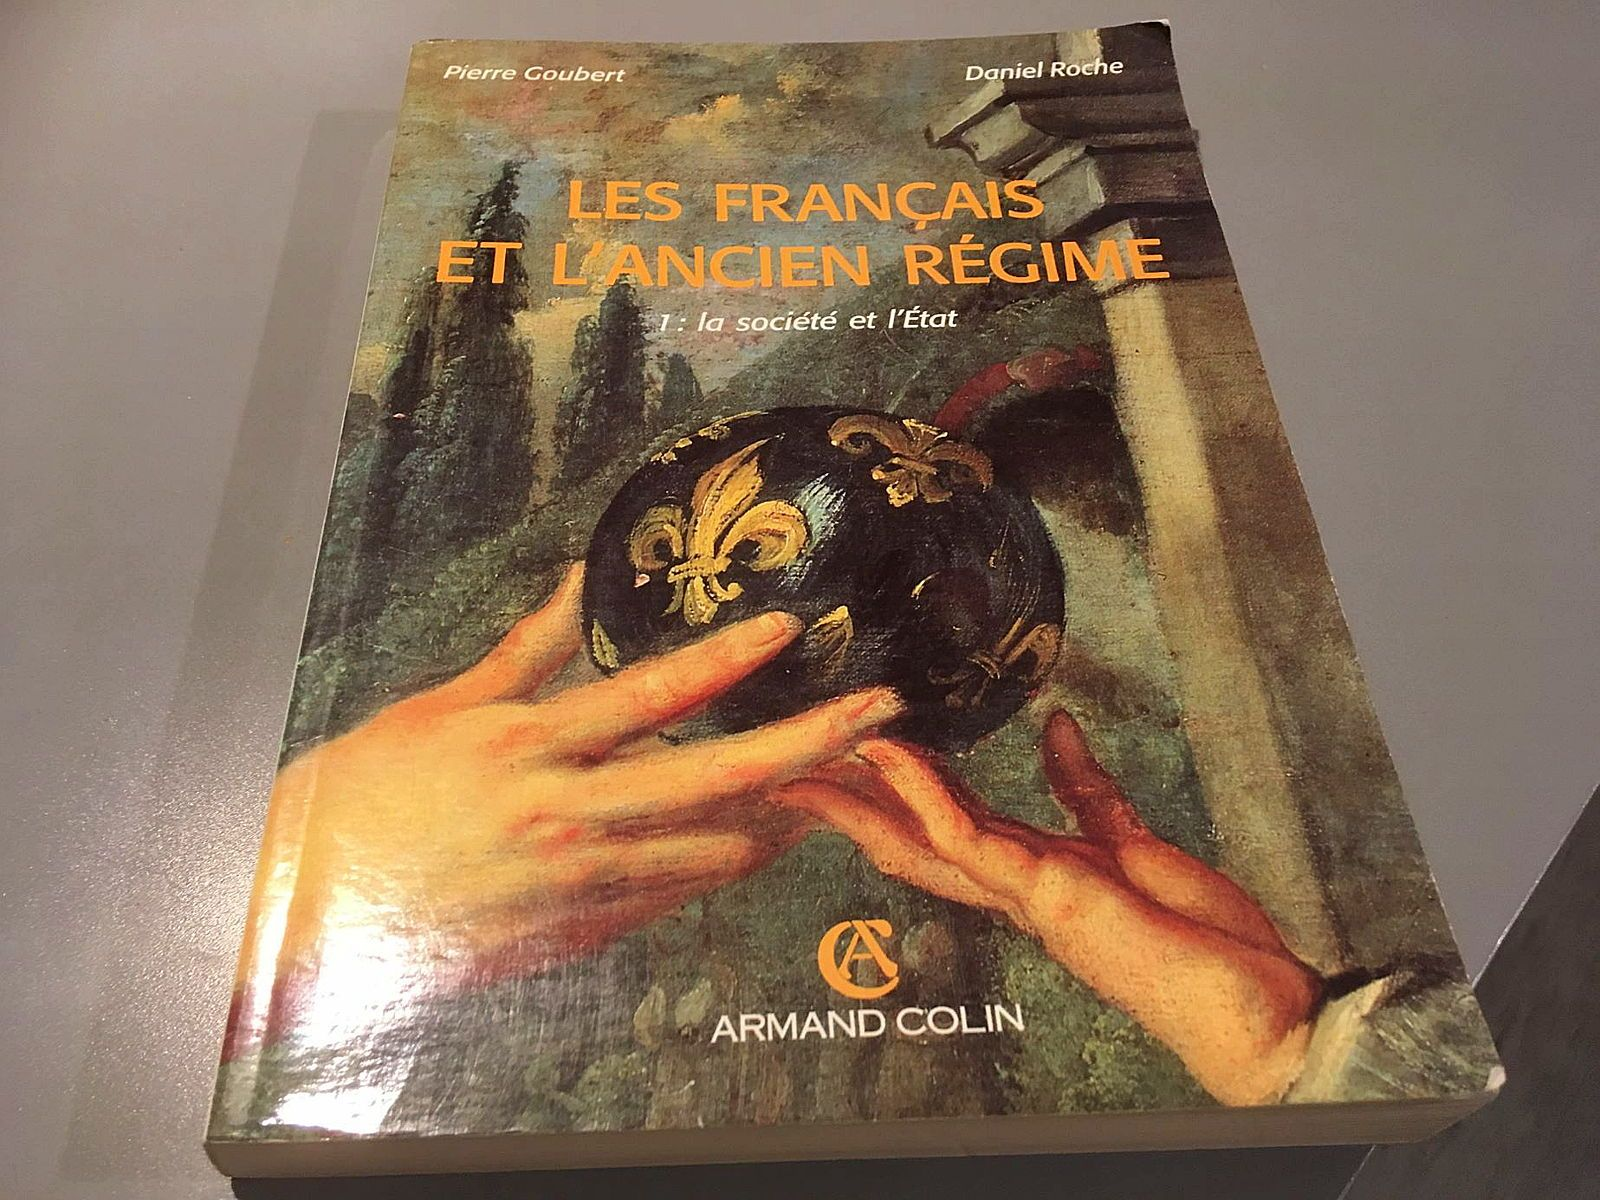 Vends livre sur les français et l'Ancien Régime